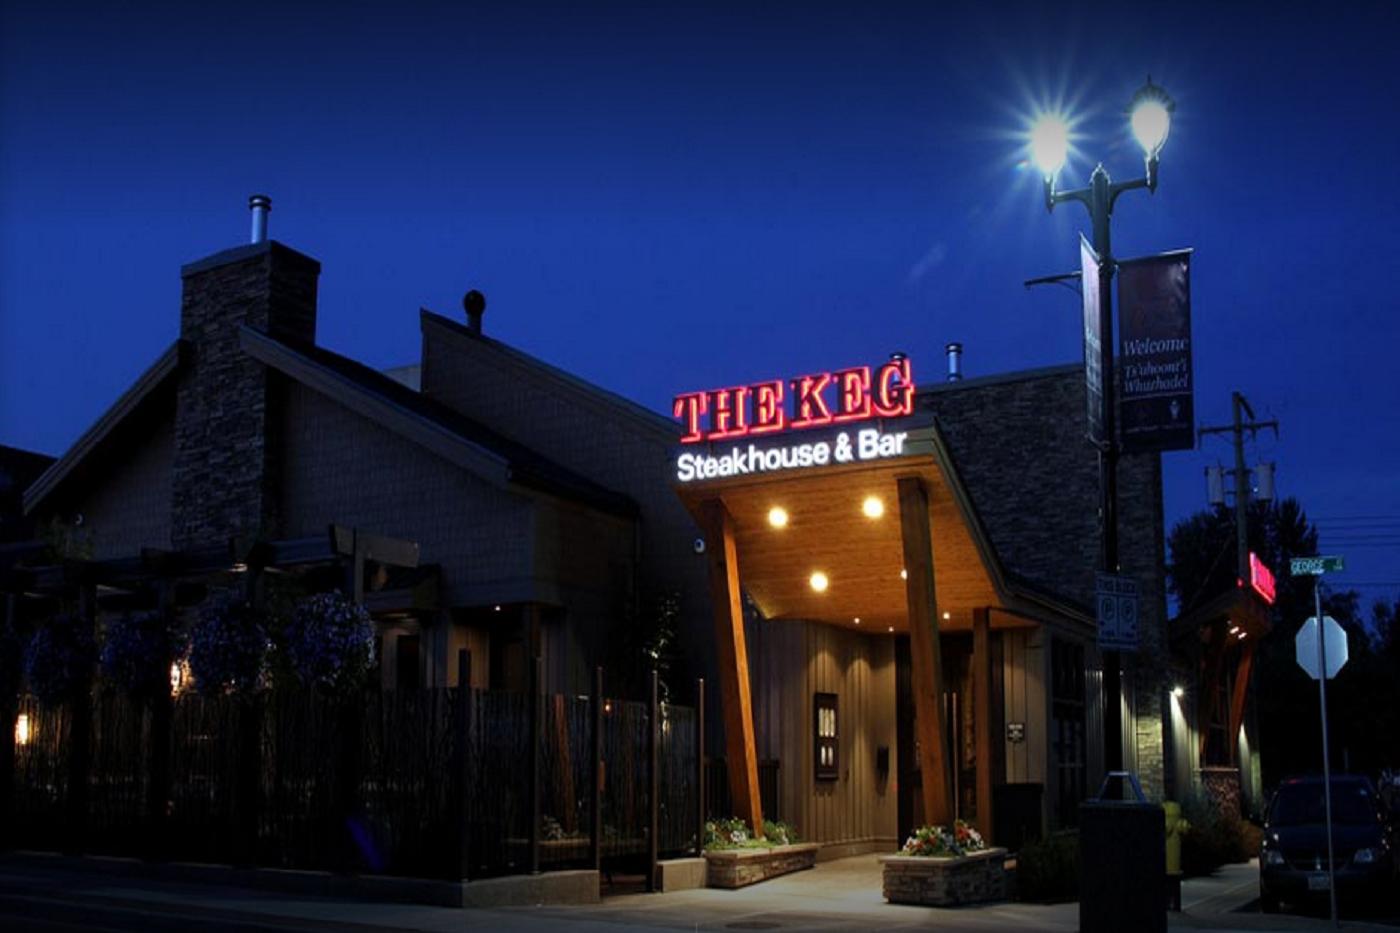 Keg Steakhouse Bar